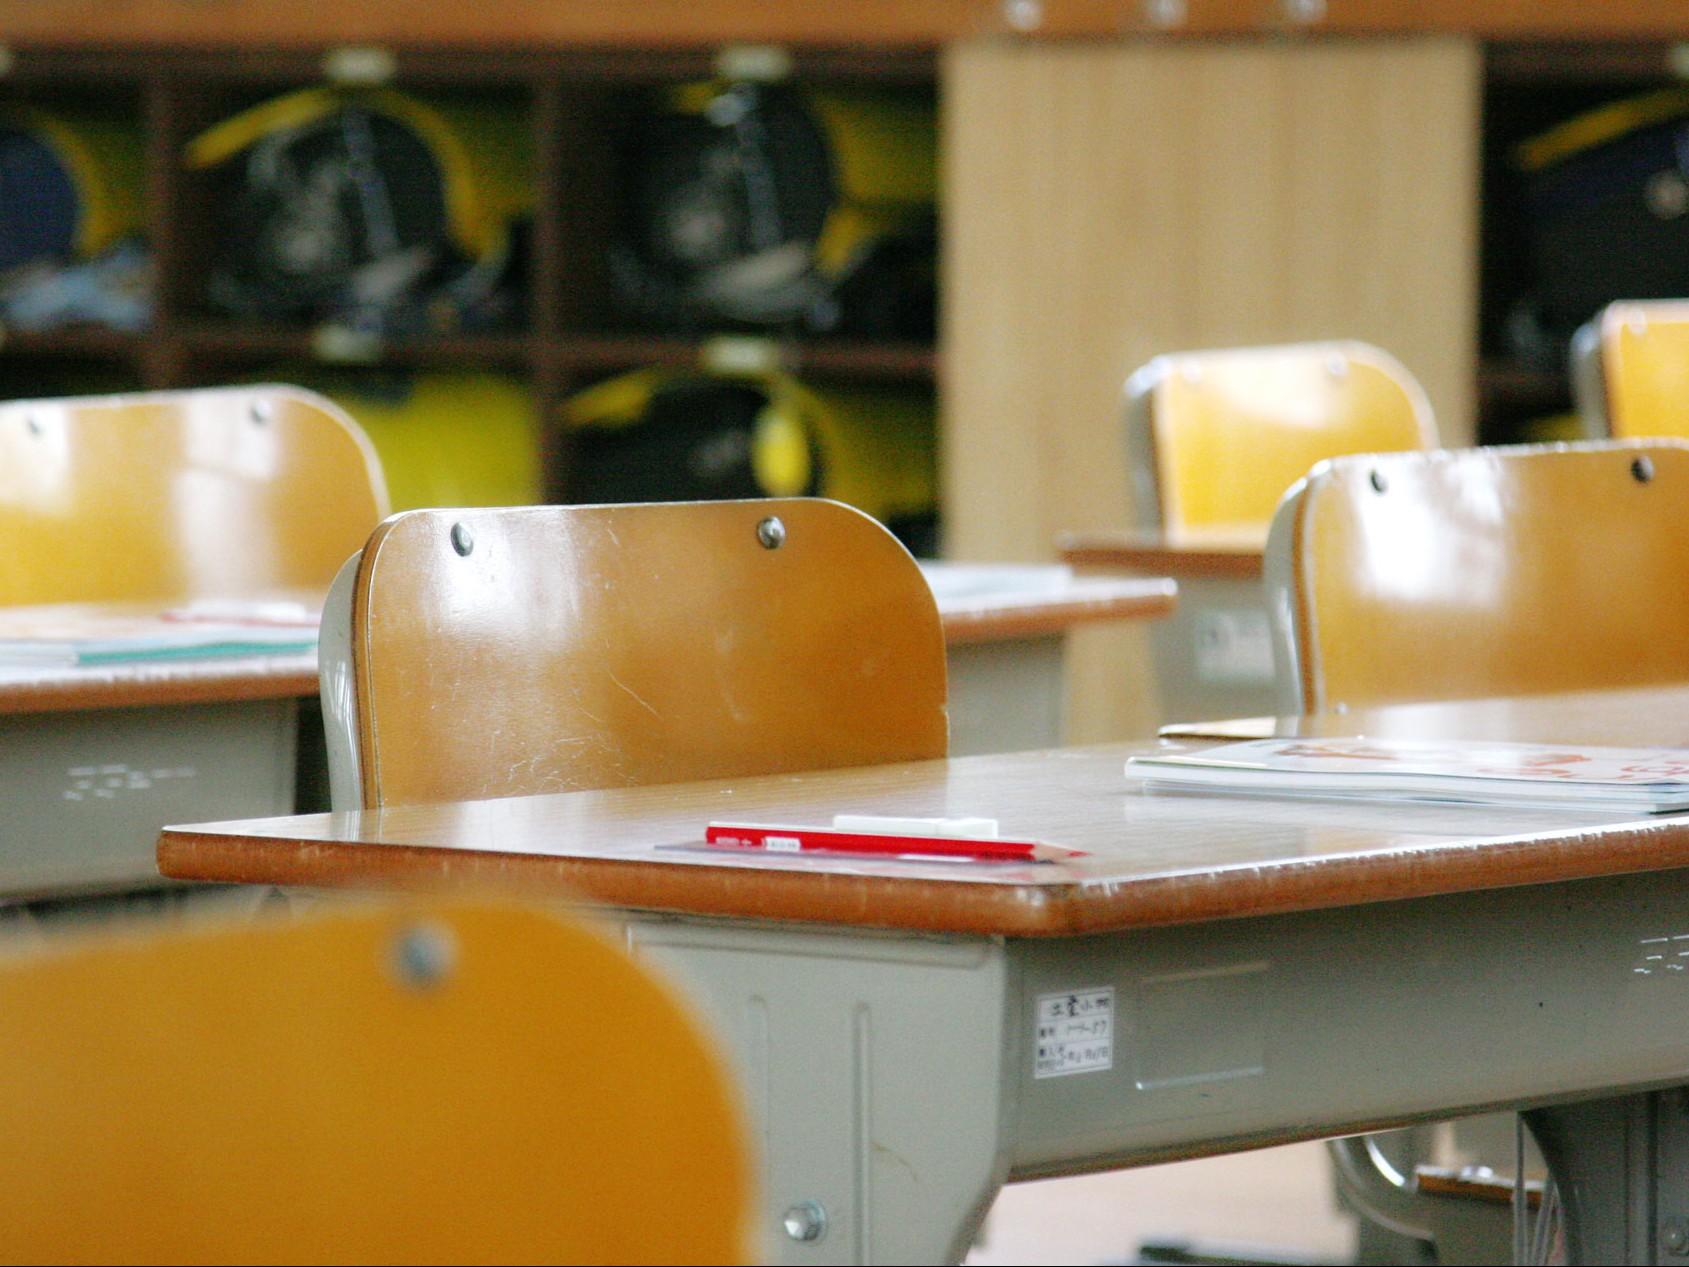 小学生の6割が「作文が苦手」、作文好きになってもらうには?のアイキャッチ画像